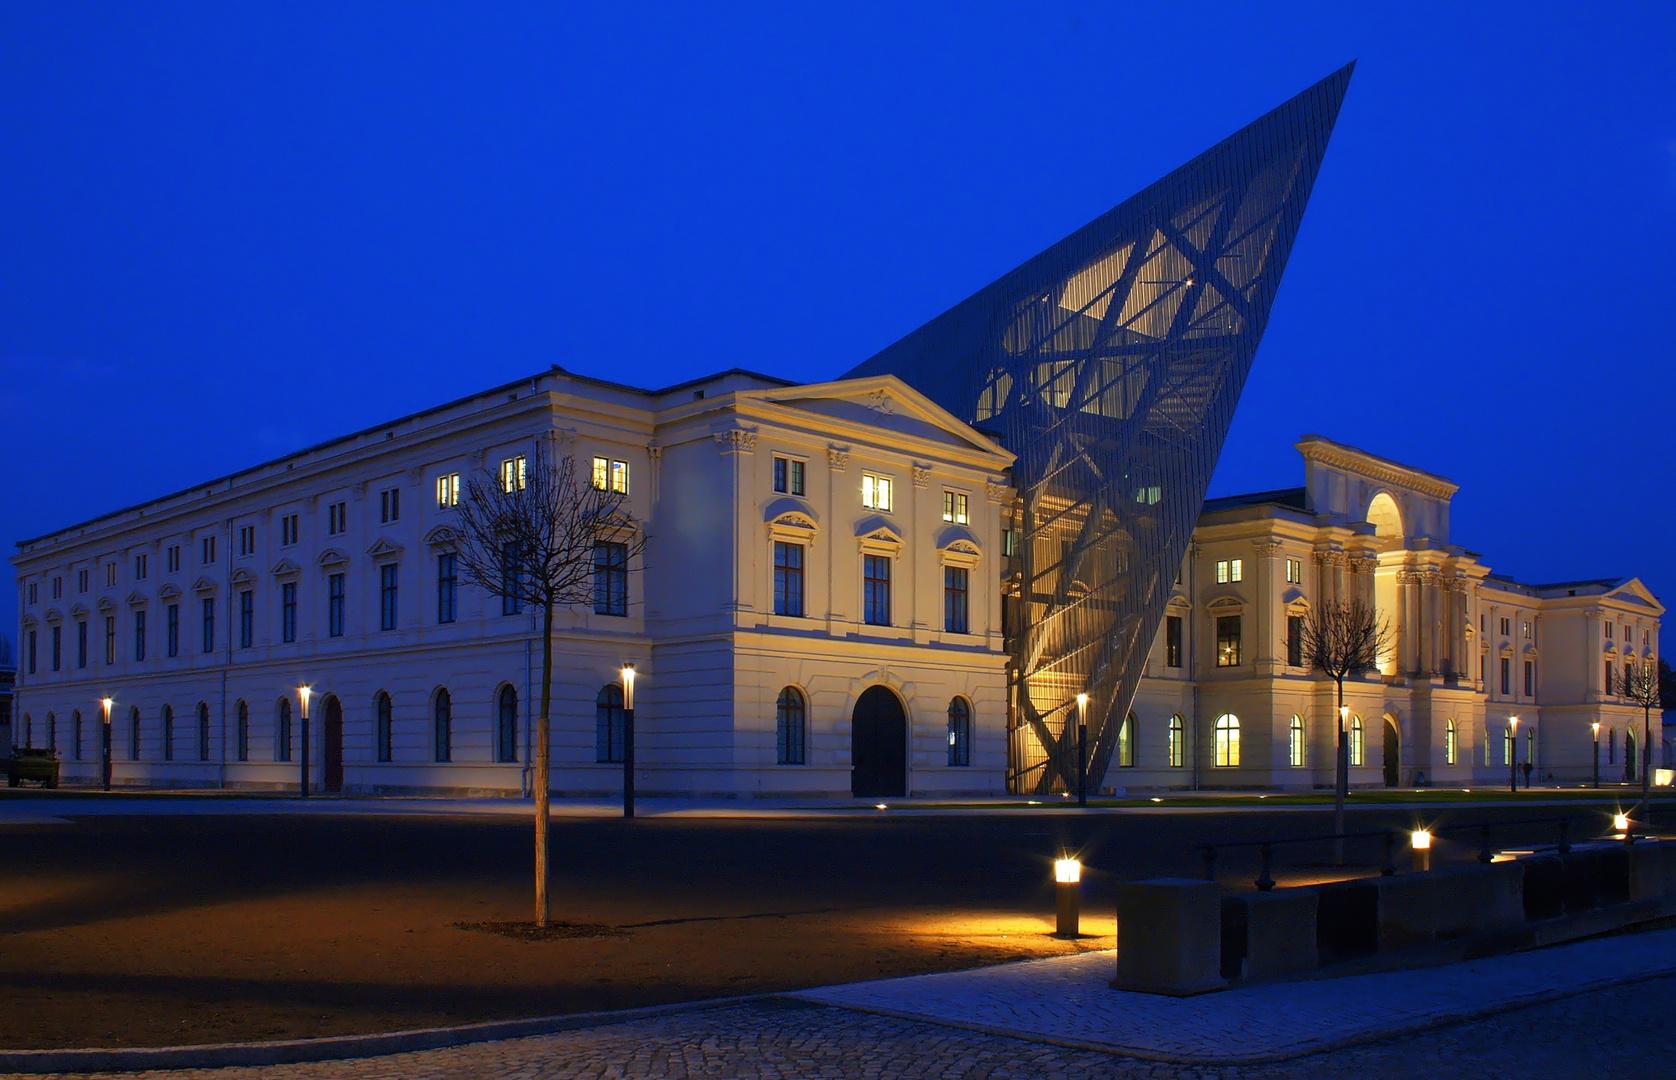 Milit rhistorisches museum in dresden foto bild architektur architektur bei nacht motive - Dresden architektur ...